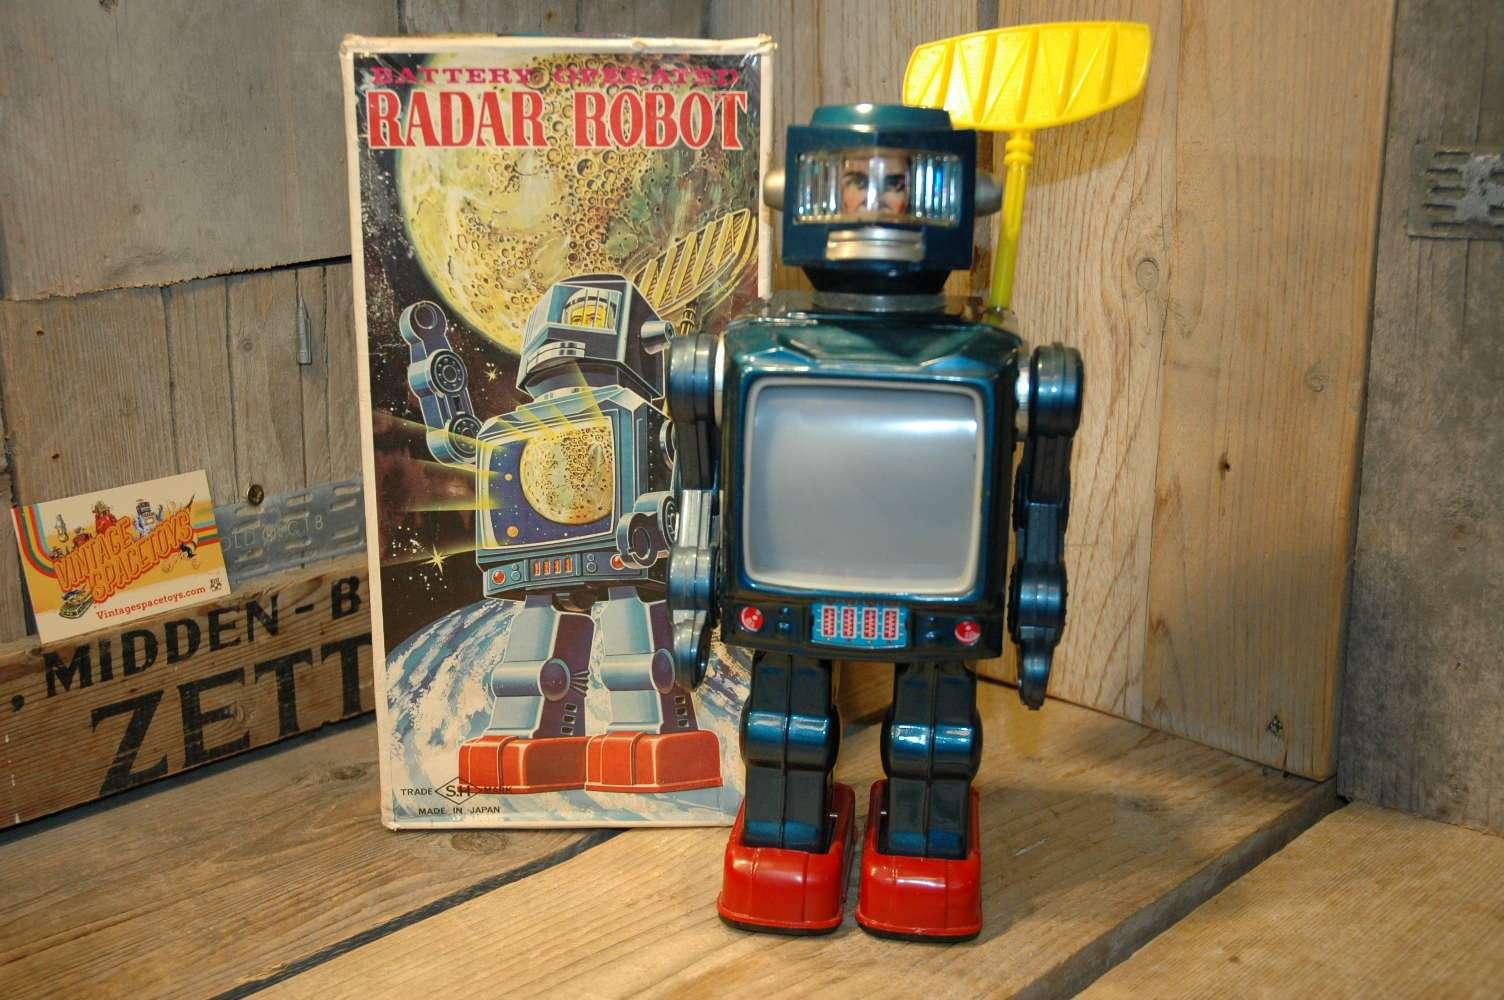 Horikawa - Radar Robot